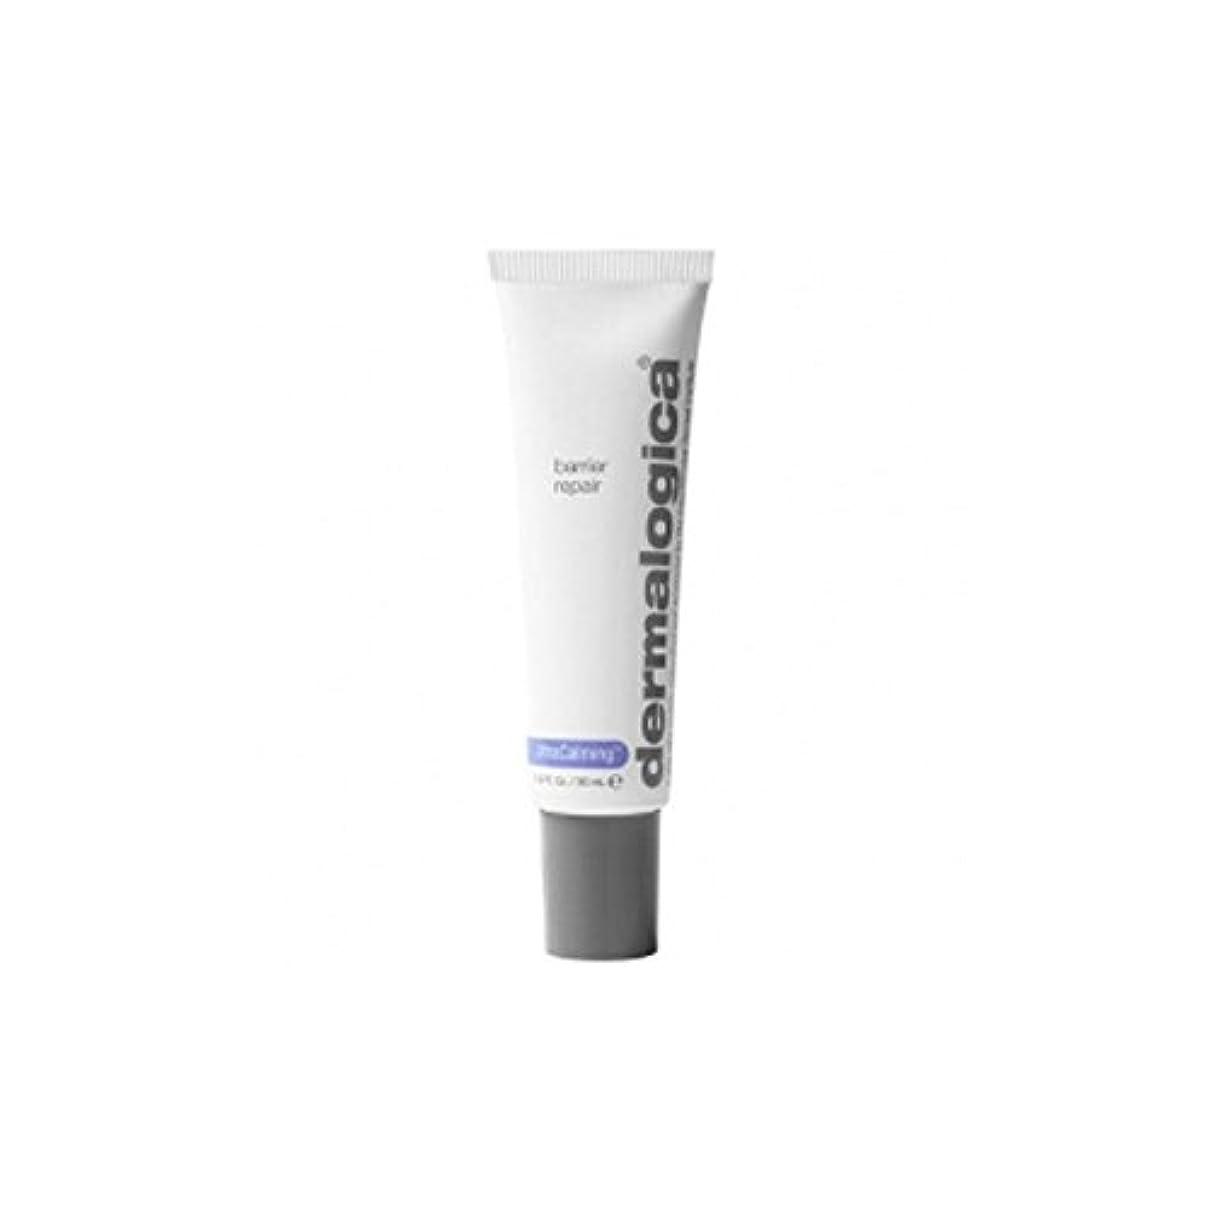 メロントランザクション応用Dermalogica Ultracalming Barrier Repair (30ml) - ダーマロジカバリアリペア(30ミリリットル) [並行輸入品]